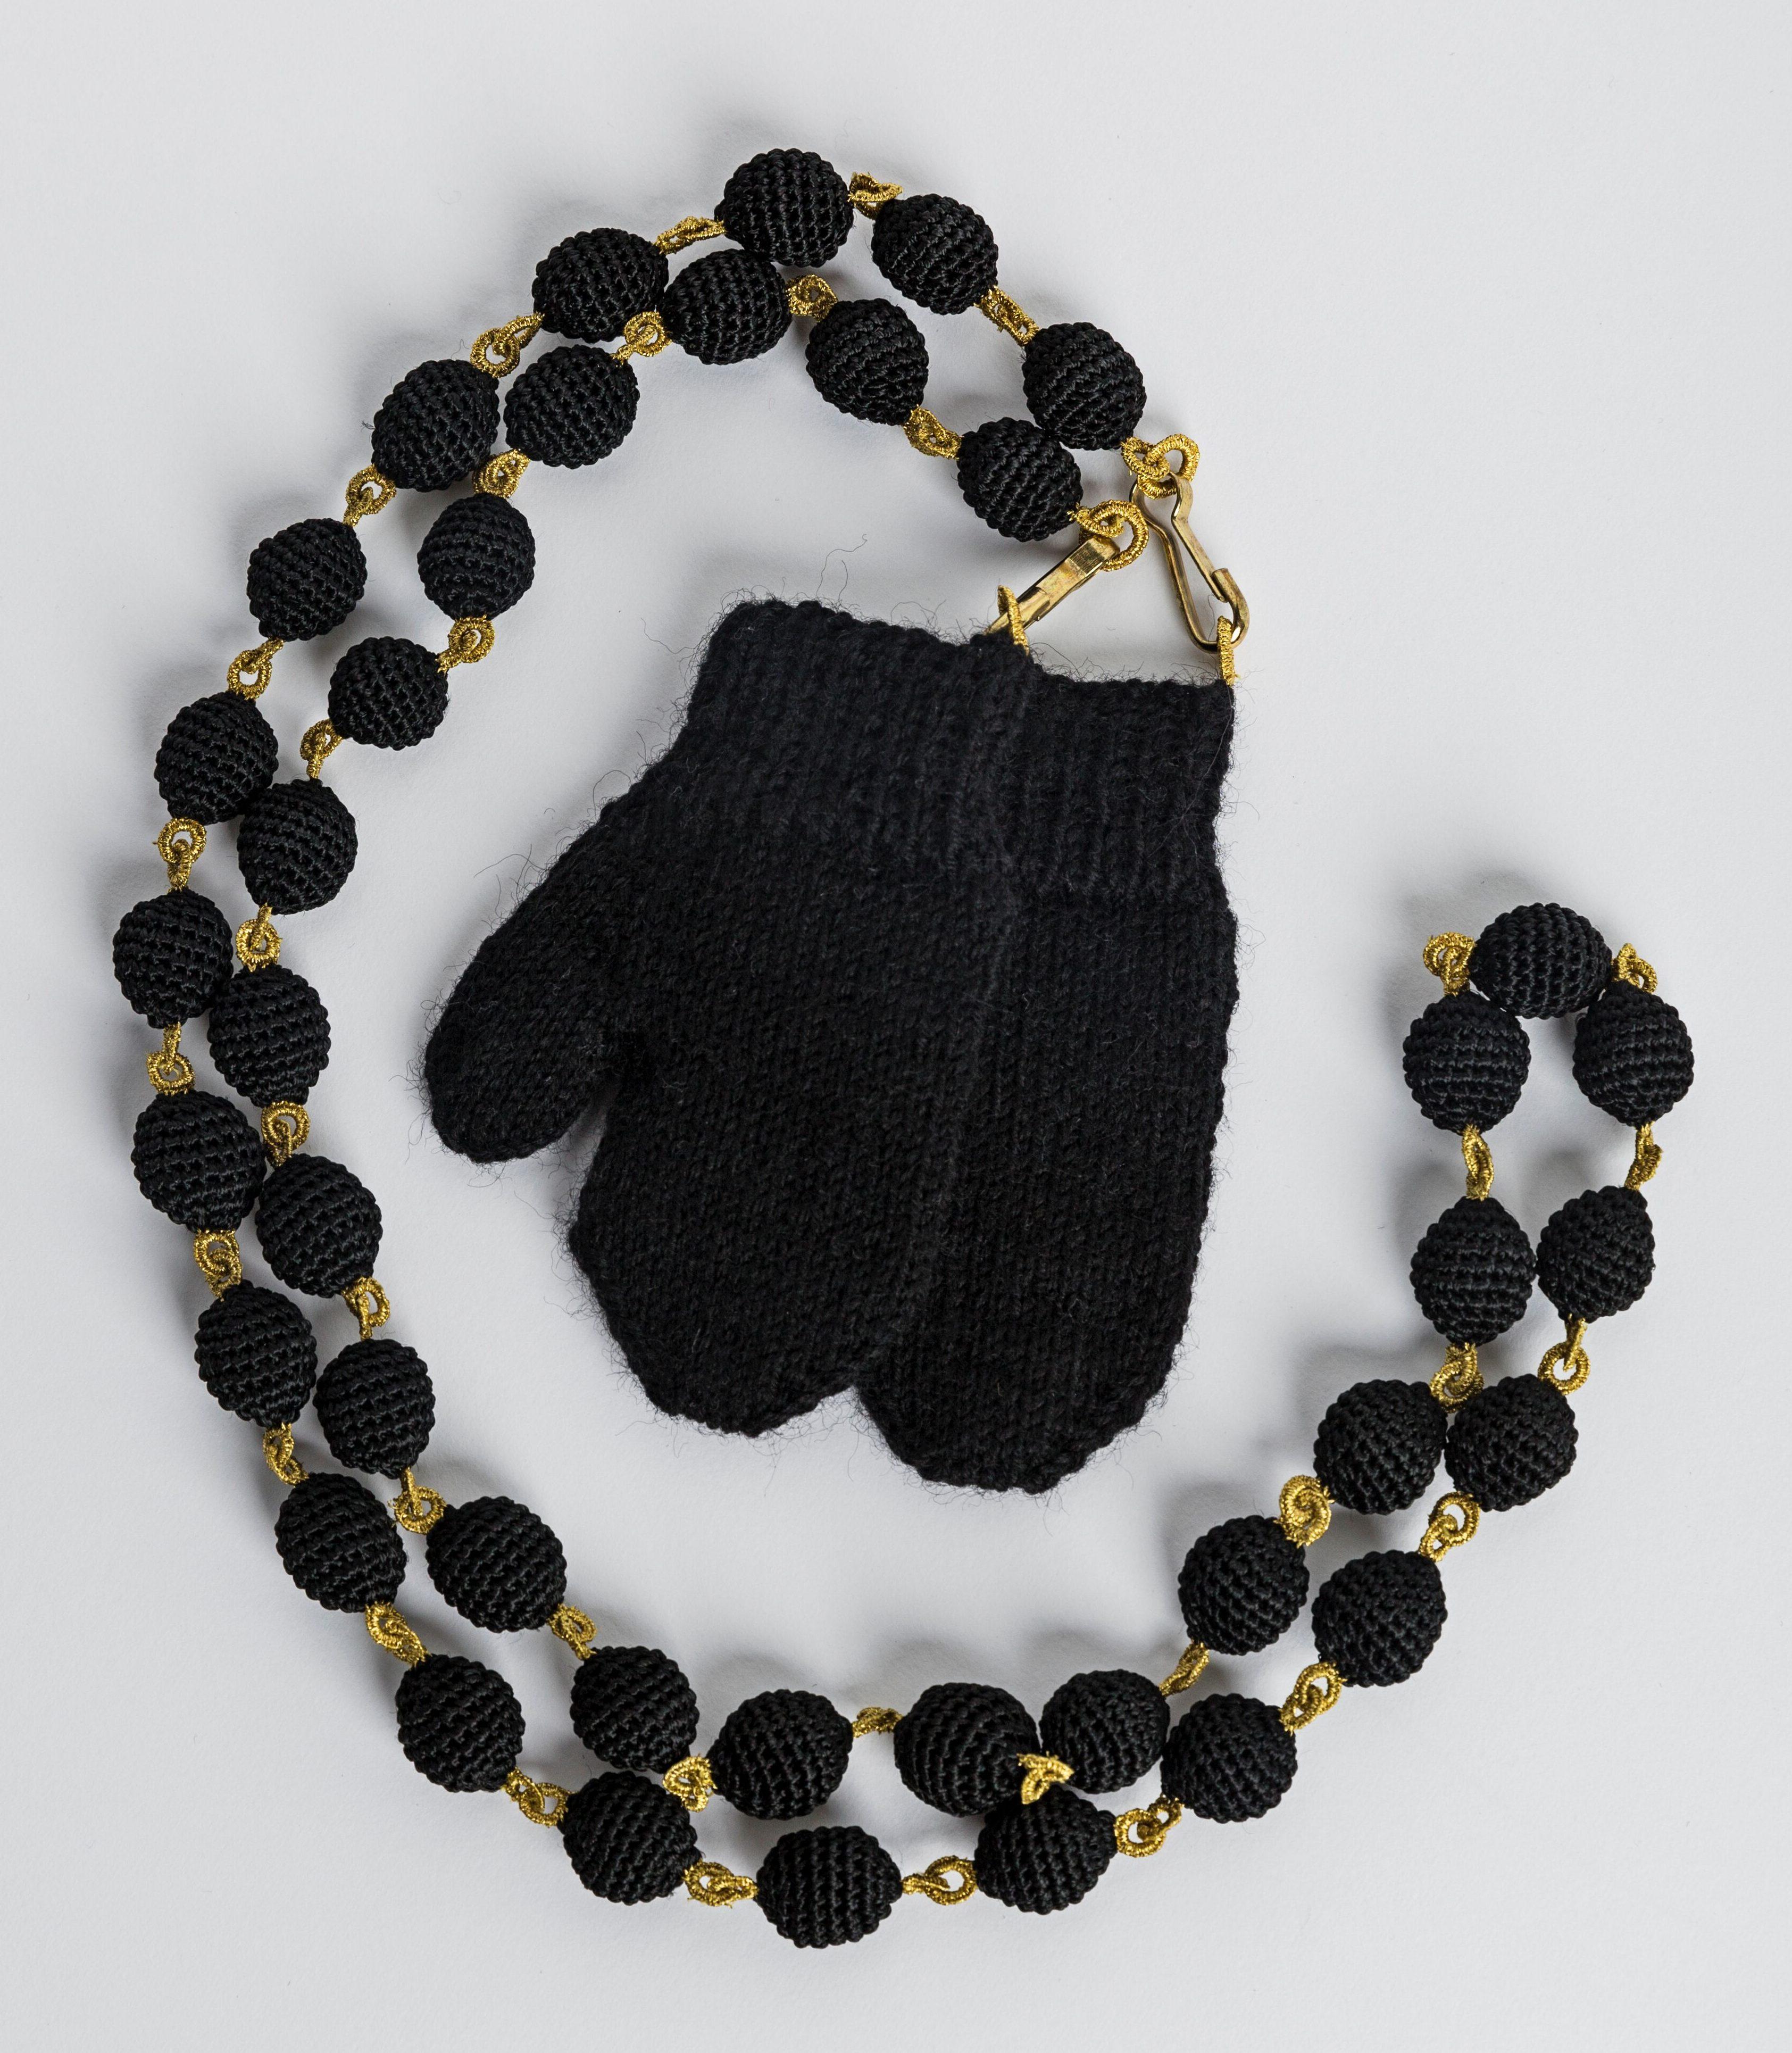 Felieke van der Leest, Zwarte Ketting met de Zwarte Wantjes, halssieraad, 1998. Foto met dank aan het TextielMuseum, Josefina Eikenaar©